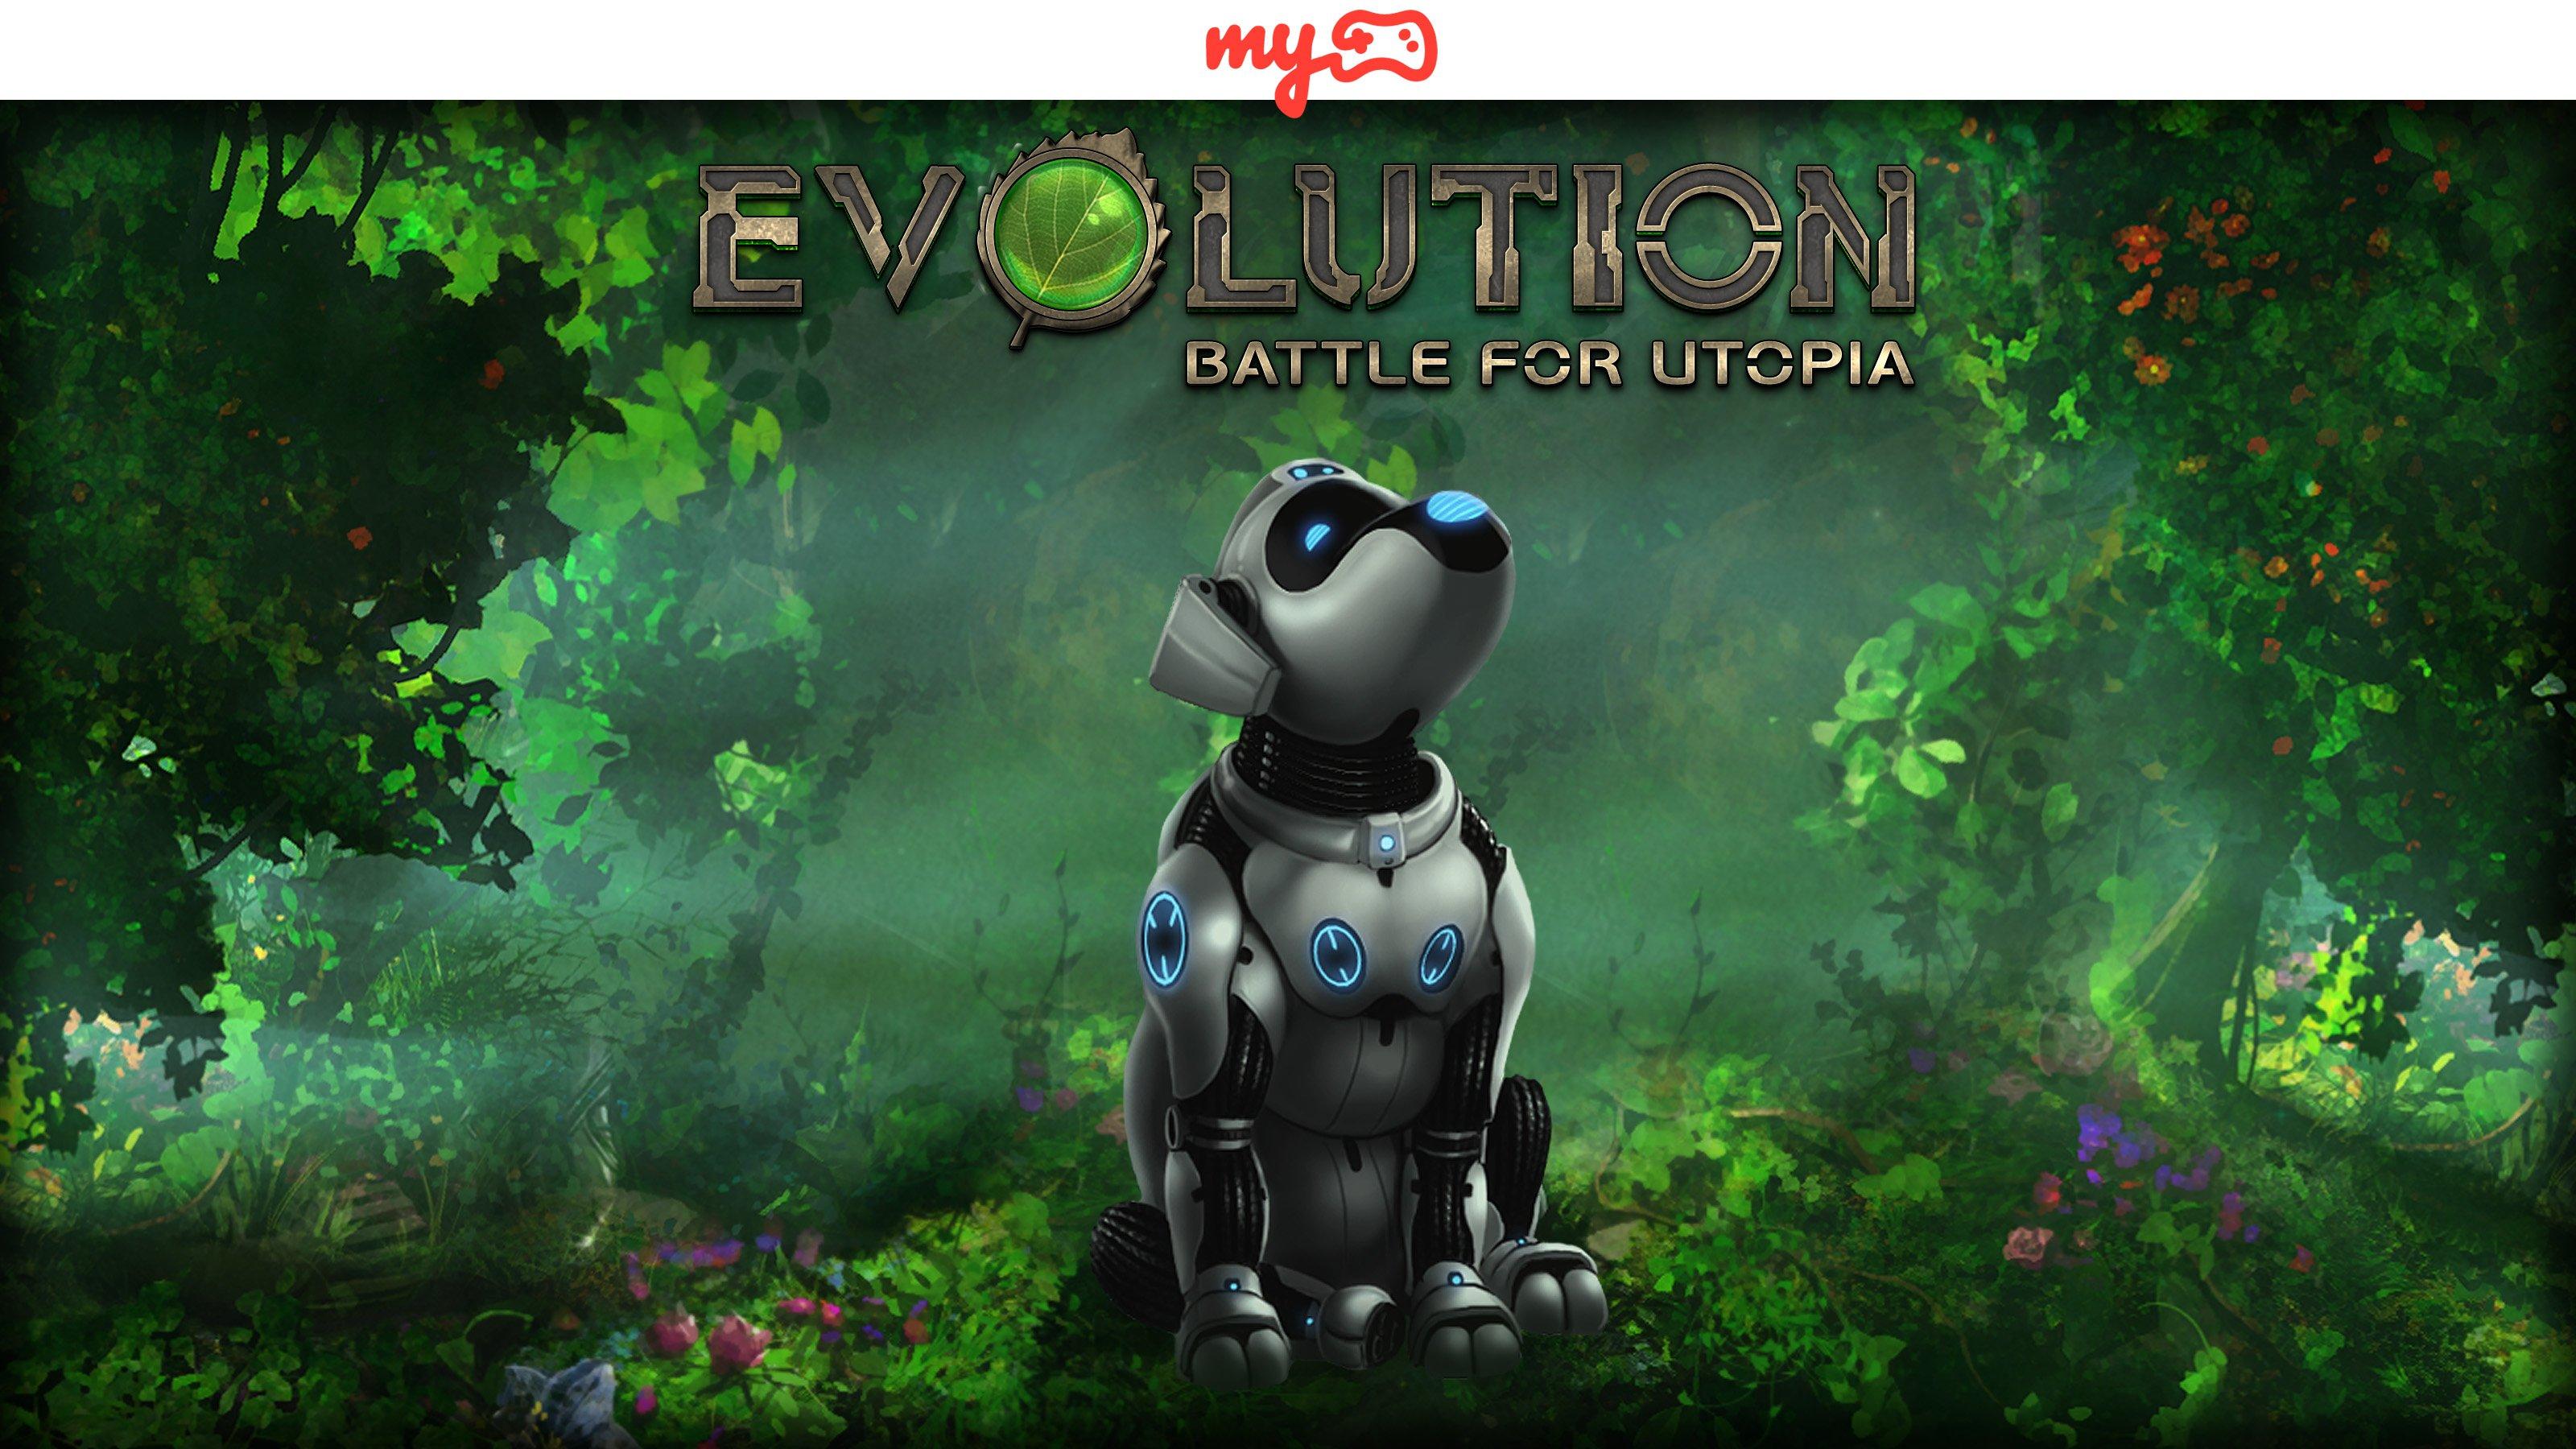 Скачать на андроид игру эволюция битва за утопию.